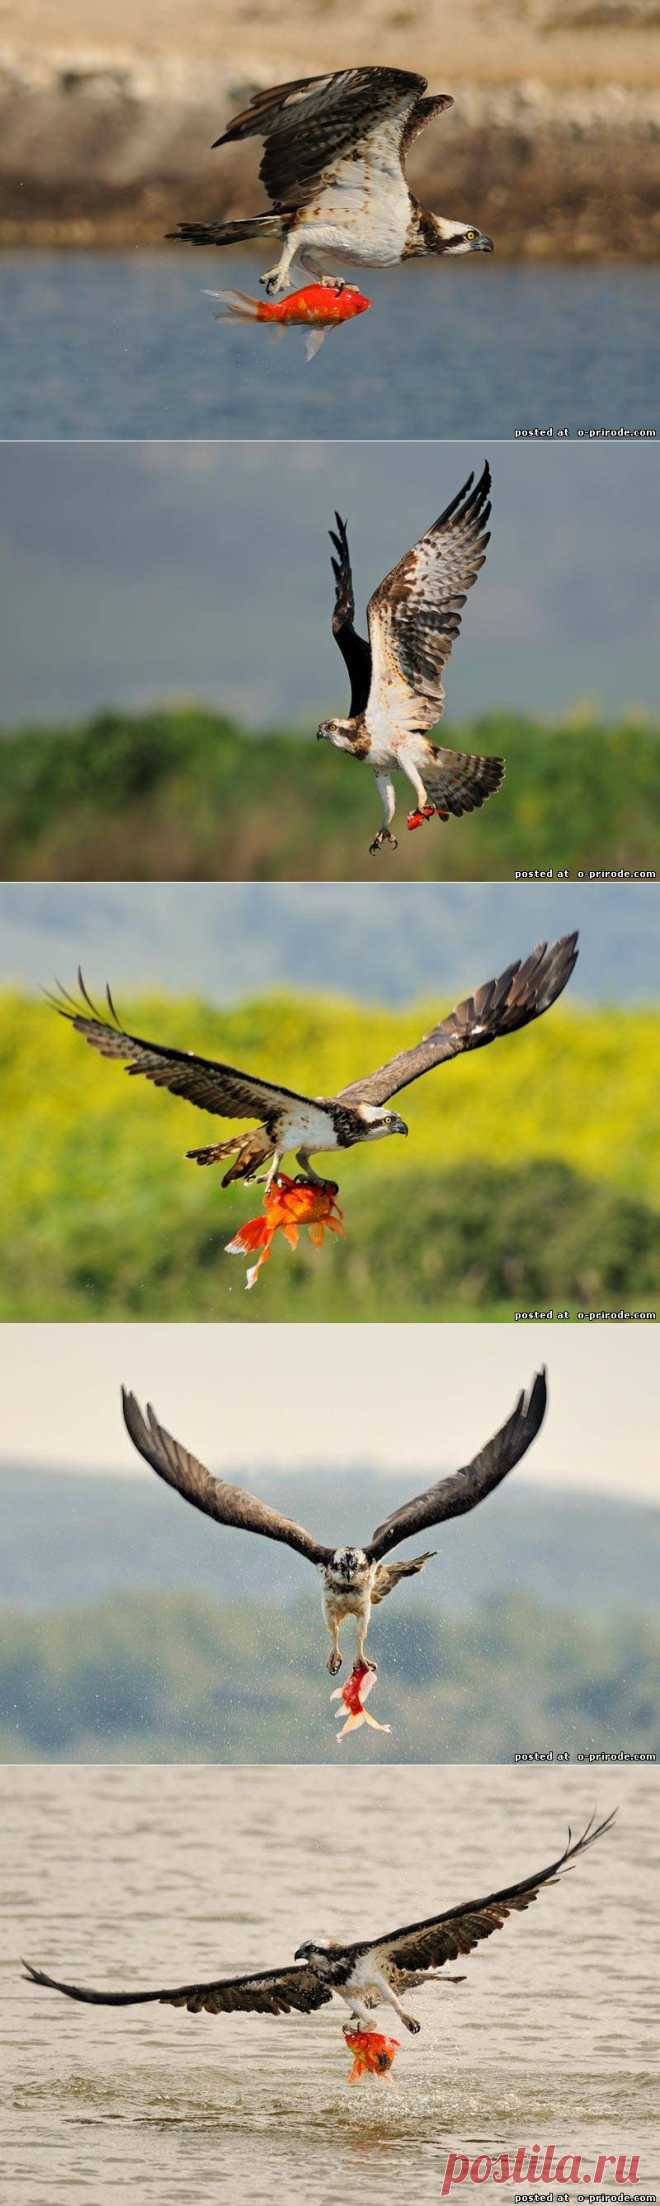 Хищная птица скопа - Фото мир природы